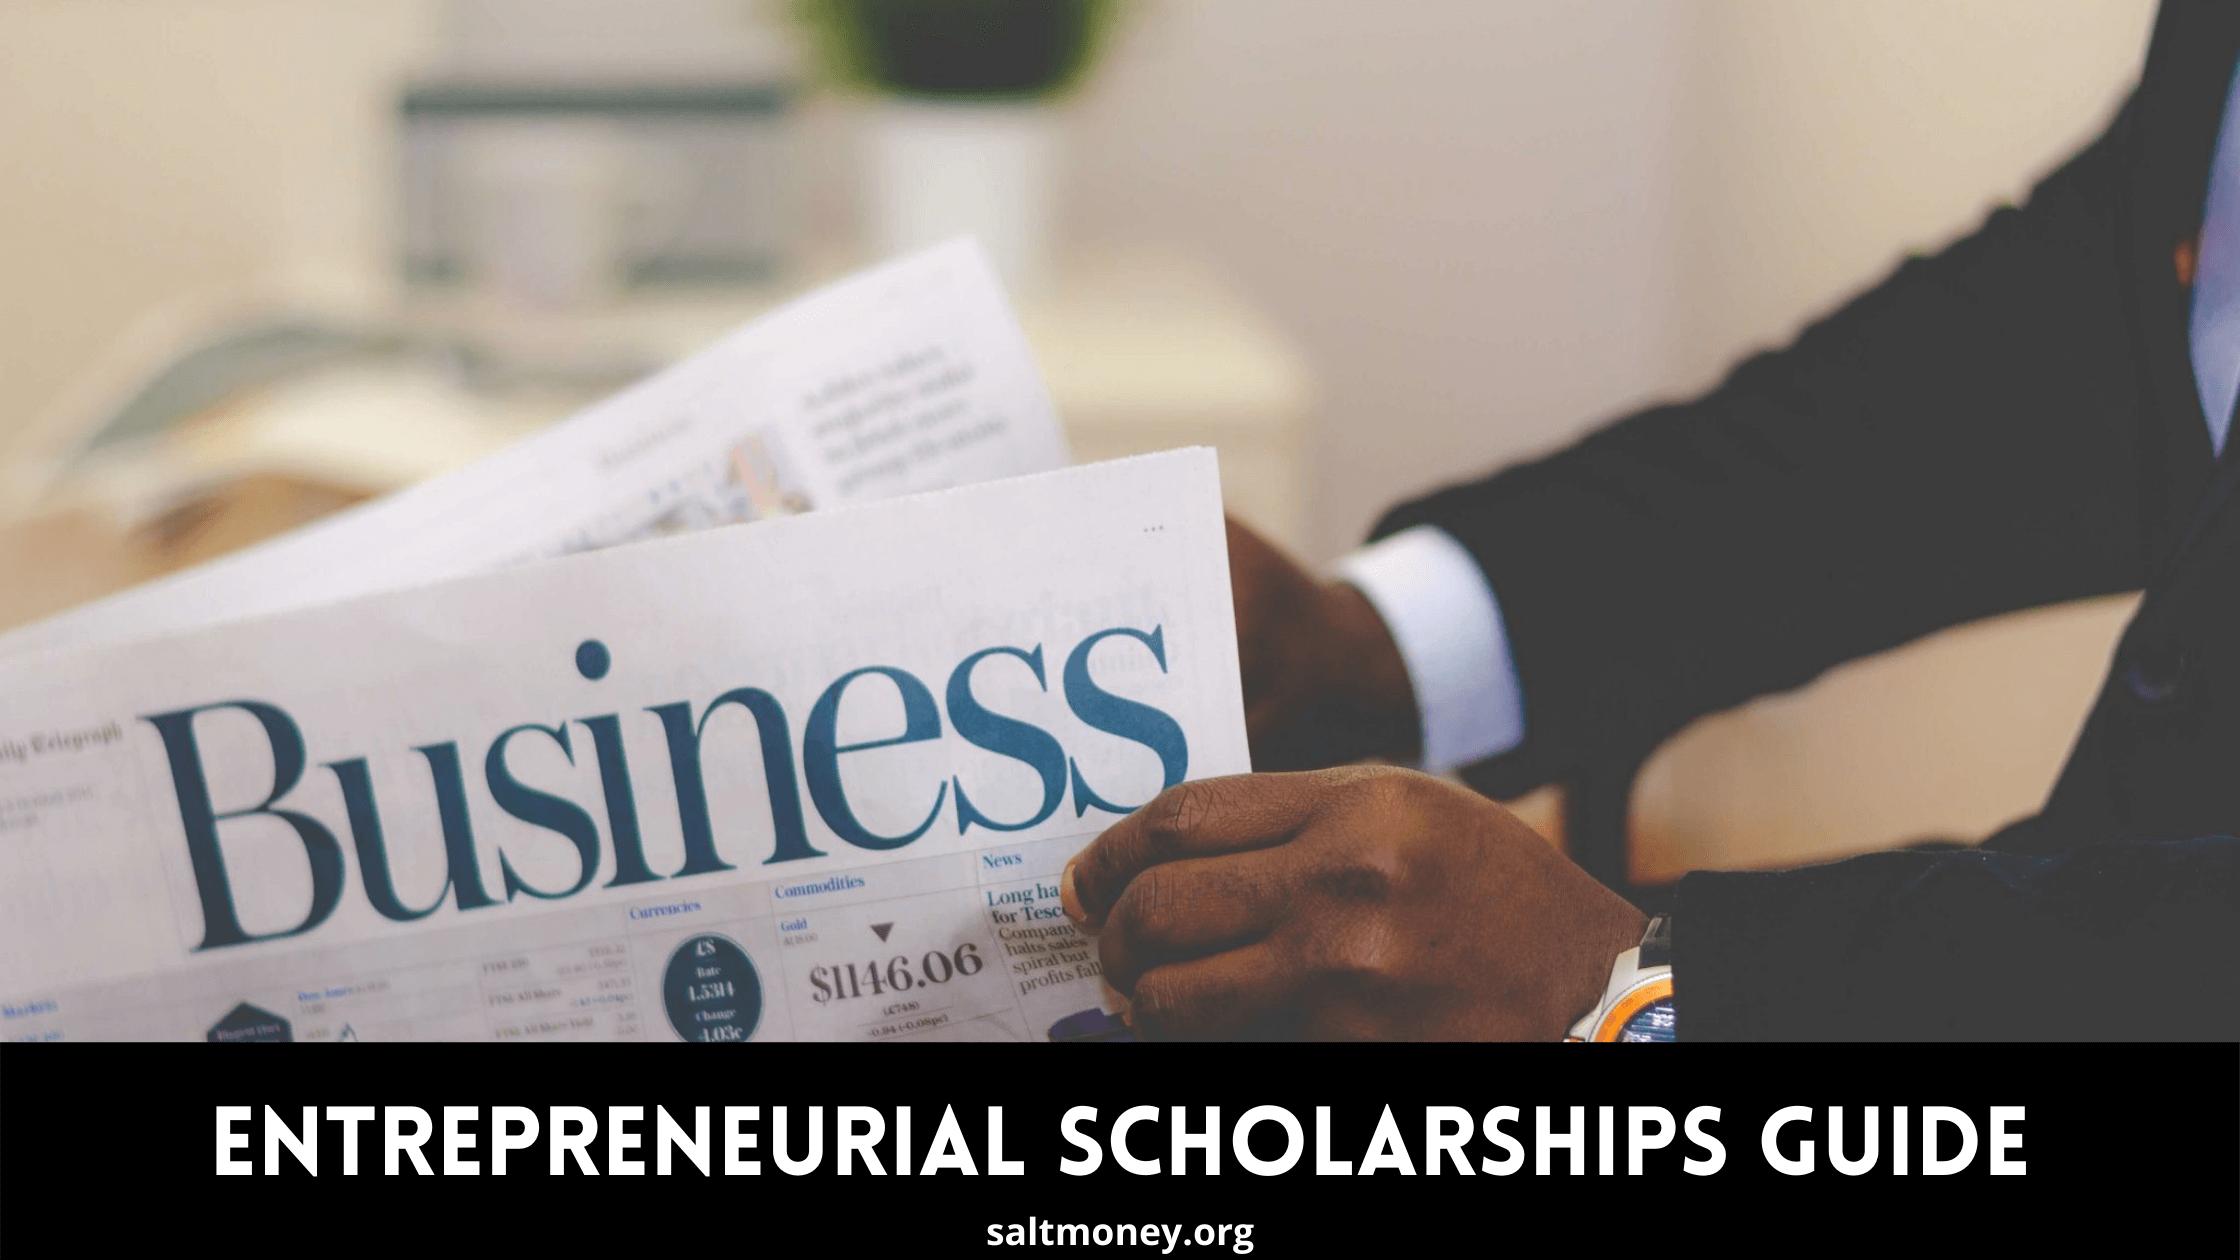 Entrepreneurial Scholarships